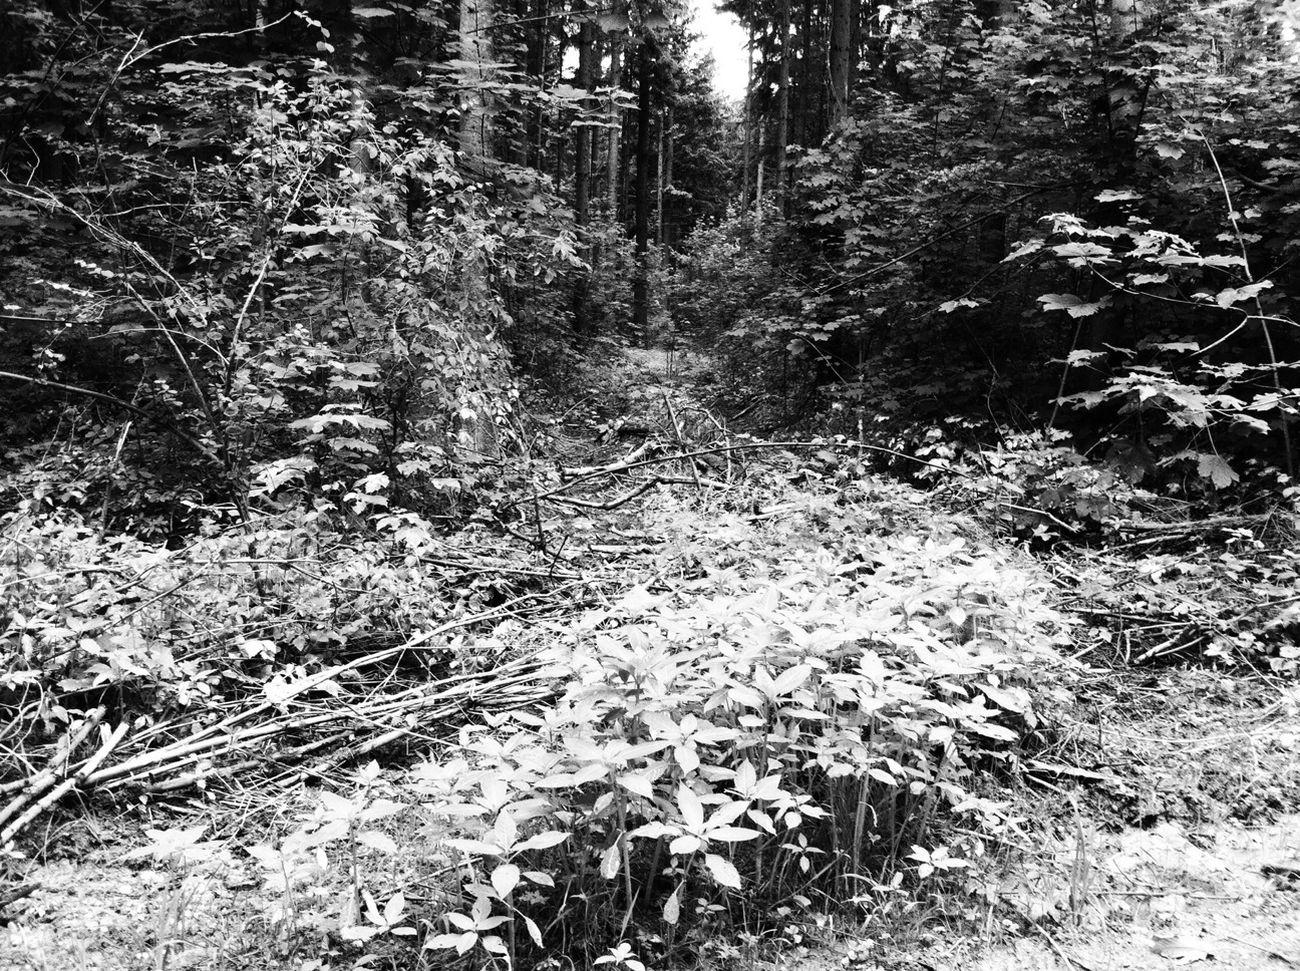 Blackandwhite Monochrome Nature Landscape